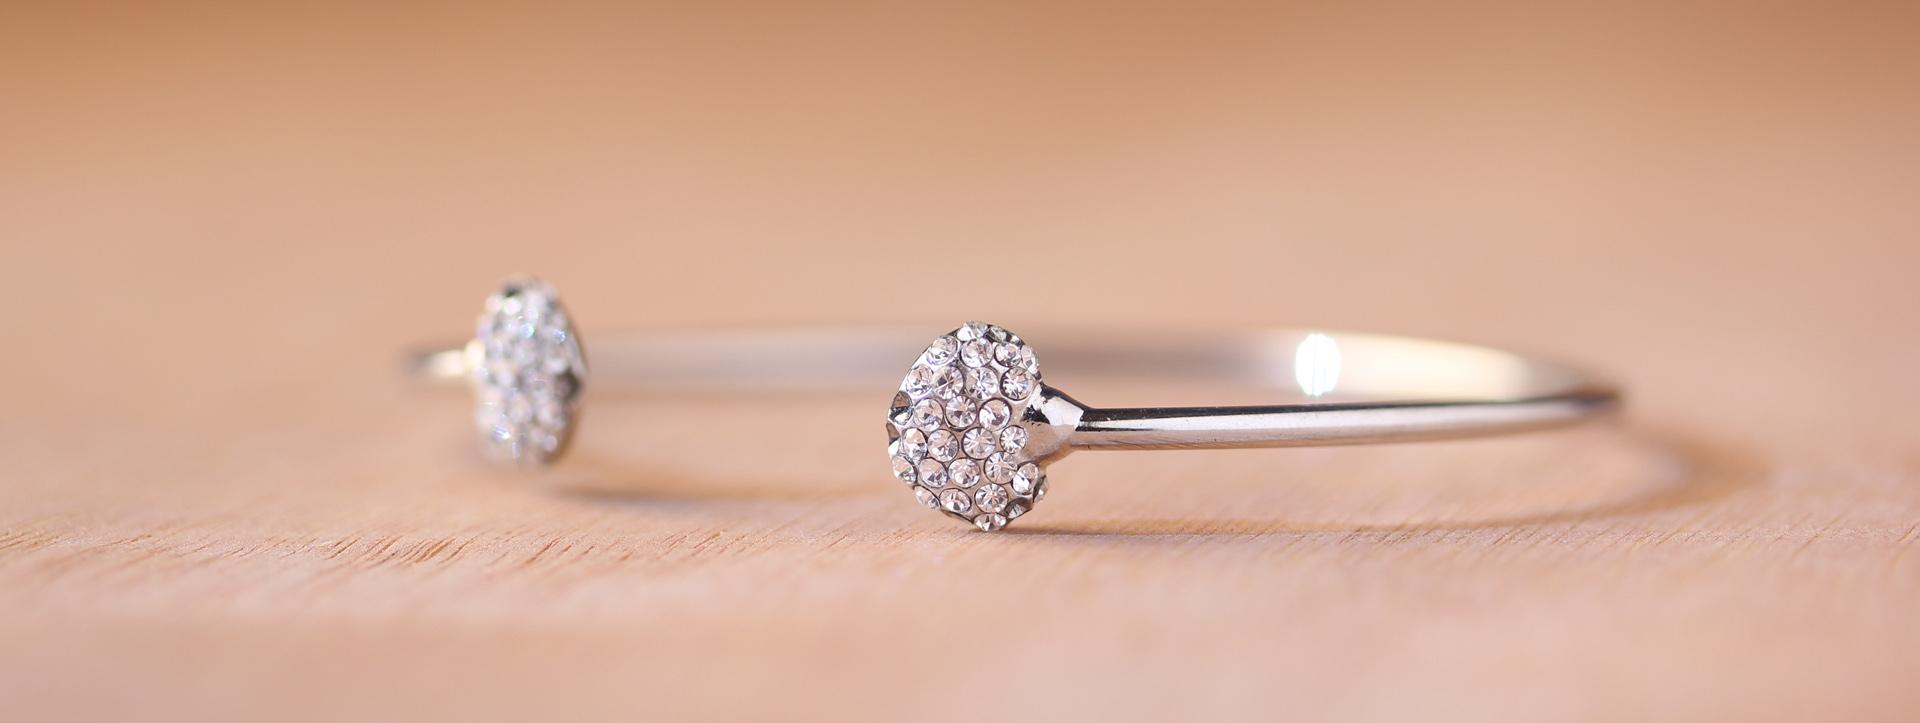 jewelry-slider-4